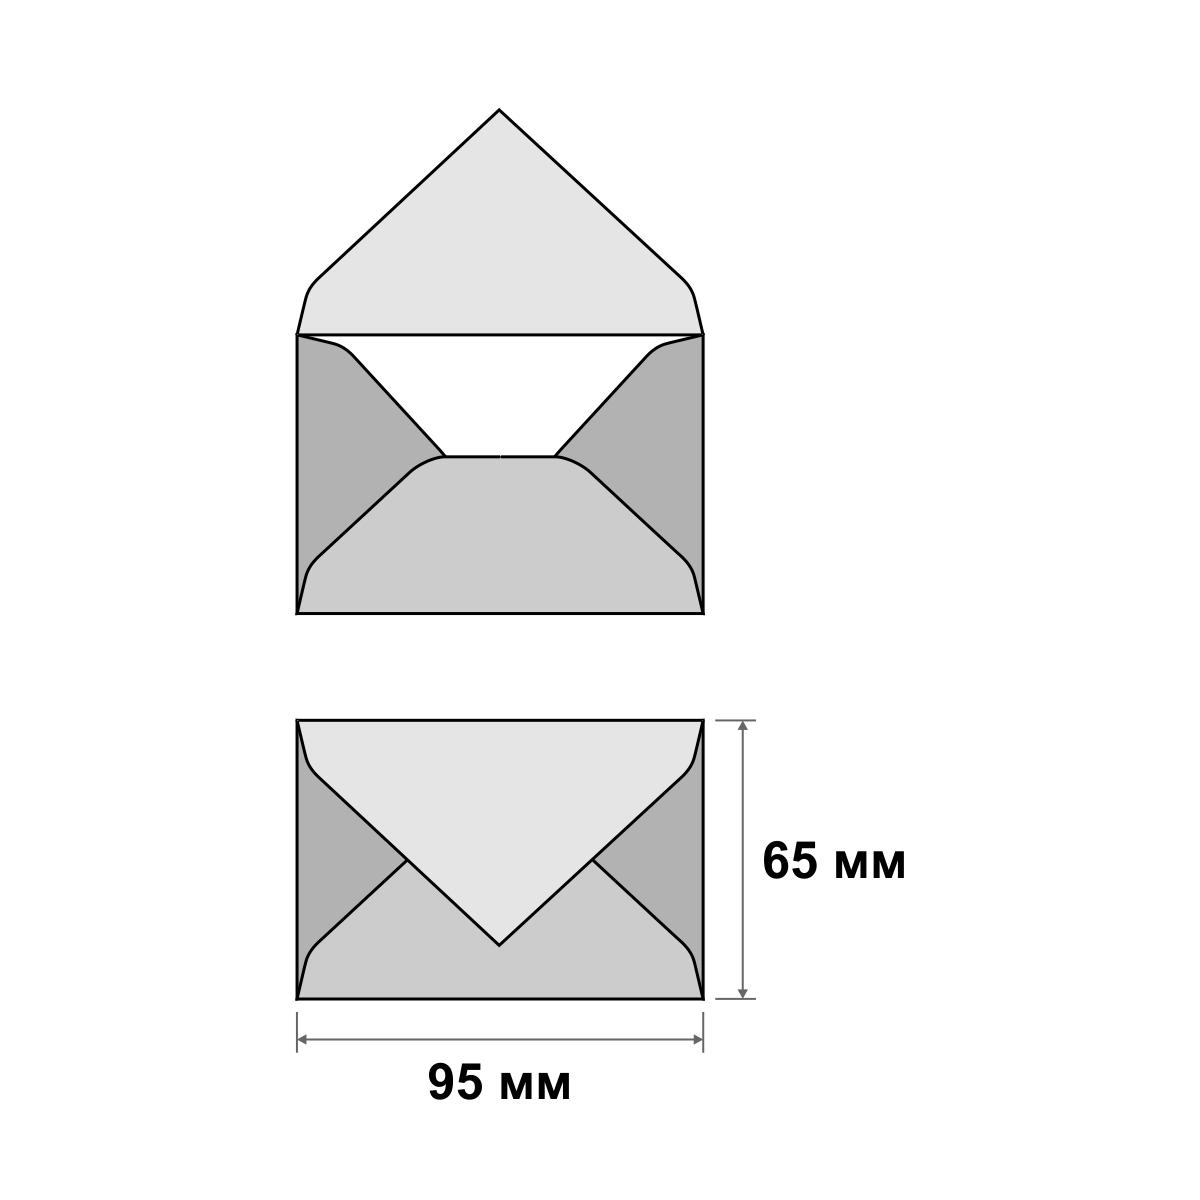 Конверт для визитки/подарочной карты 95х65 мм с треугольным клапаном